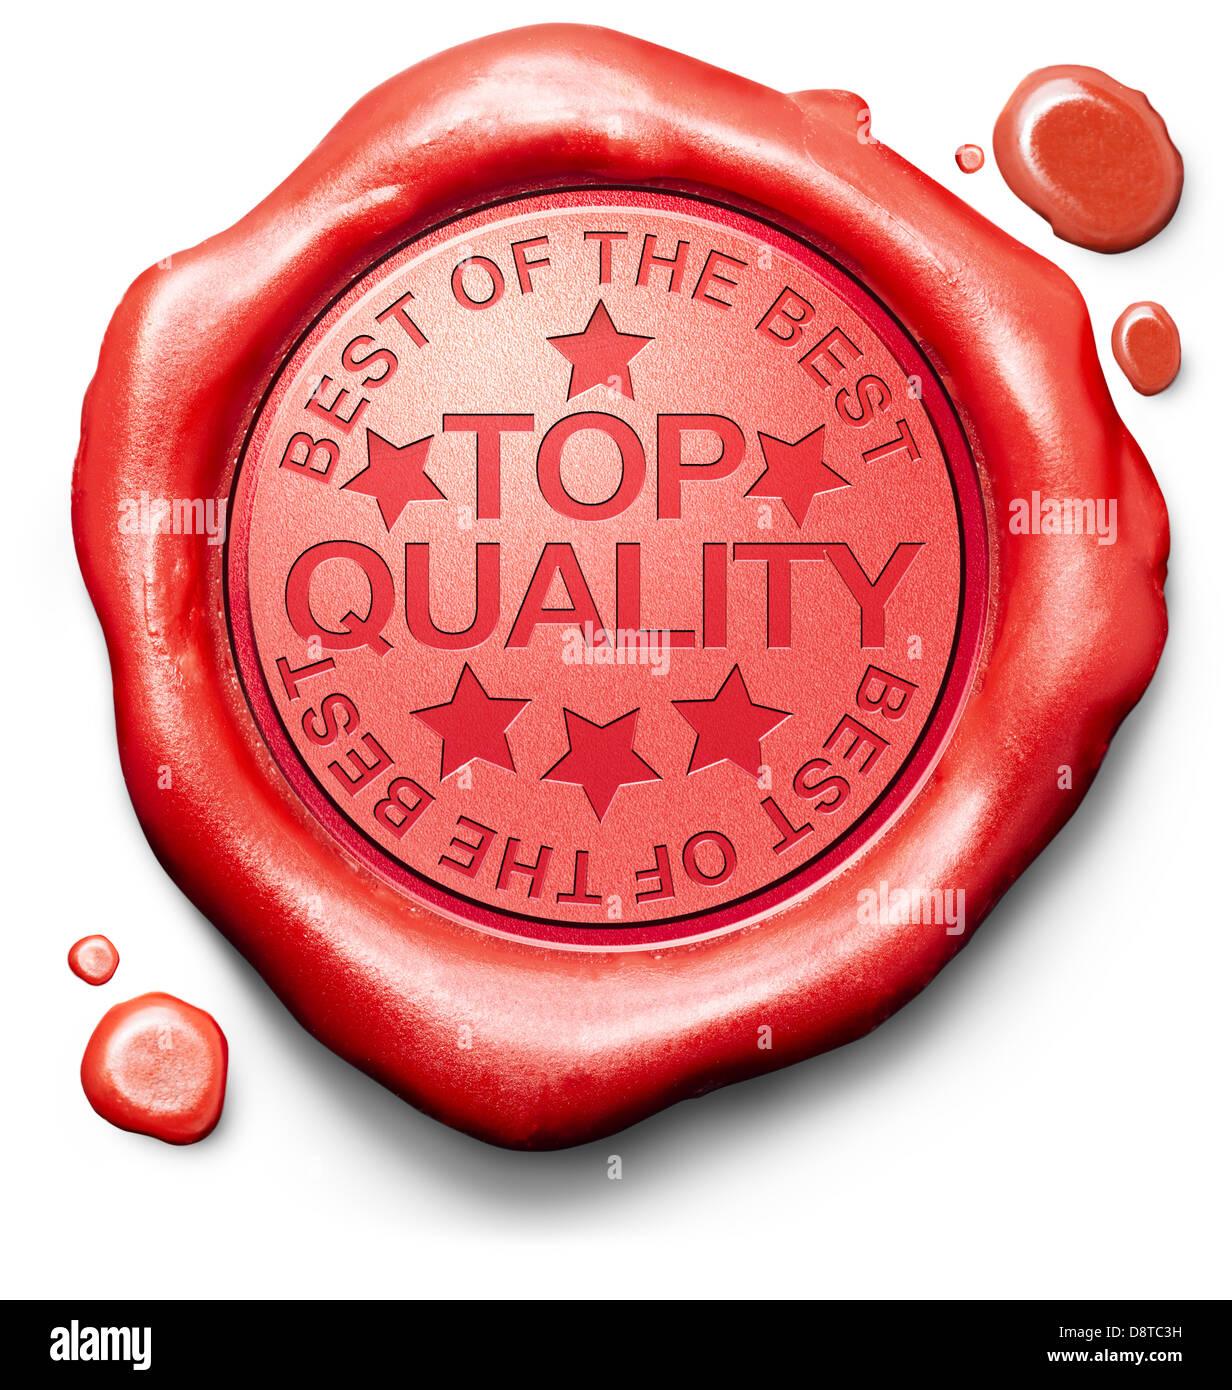 Top qualità migliore del miglior etichetta di cera rossa icona timbro  conferma certificato di qualità garantita al 100% prodotto 7cdafb6dd89